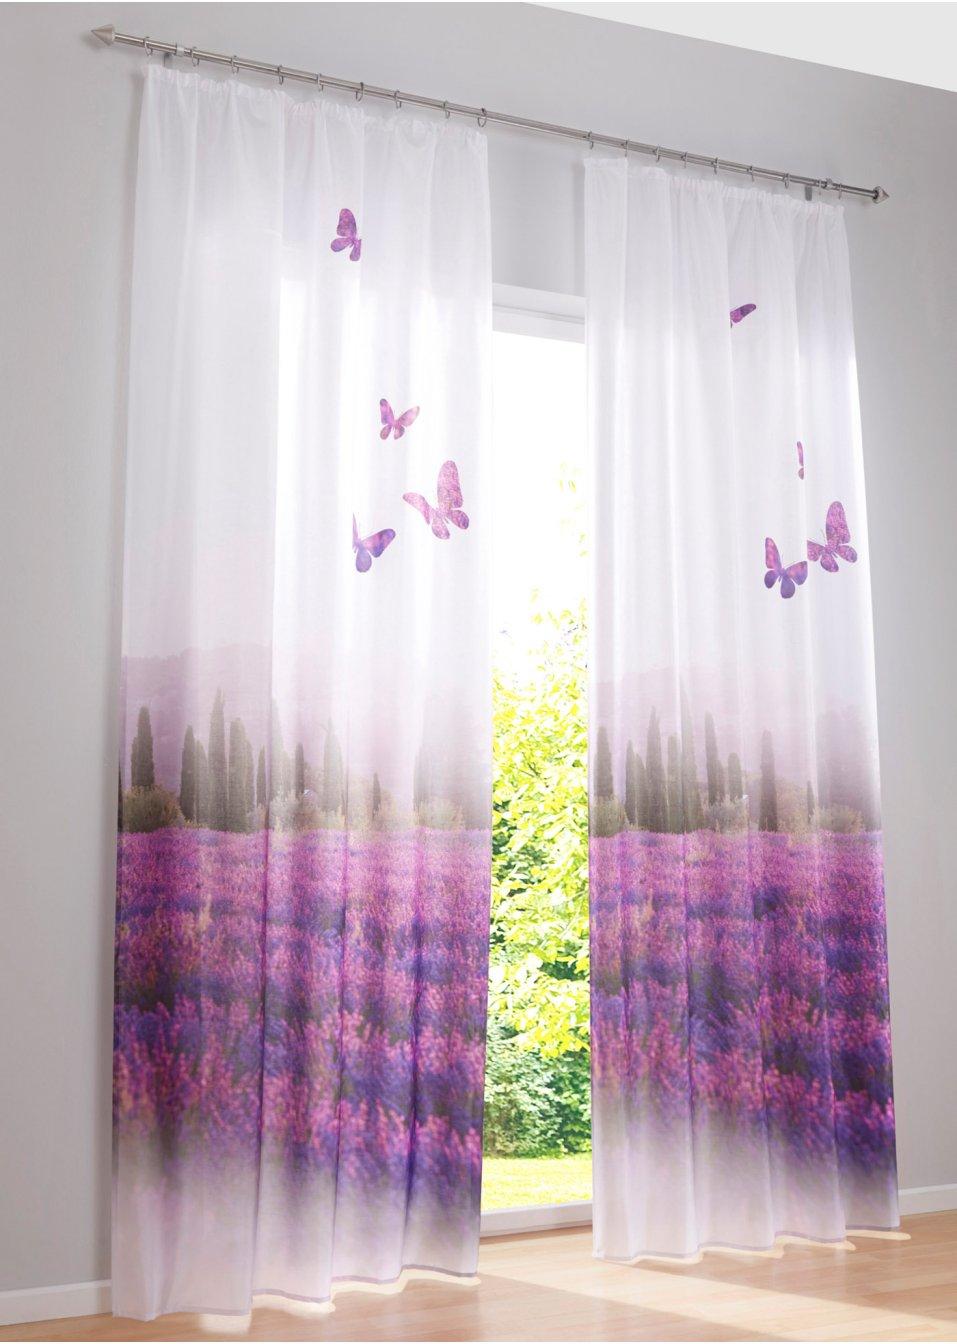 idyllische ausblicke zum tr umen mit dem vorhang. Black Bedroom Furniture Sets. Home Design Ideas